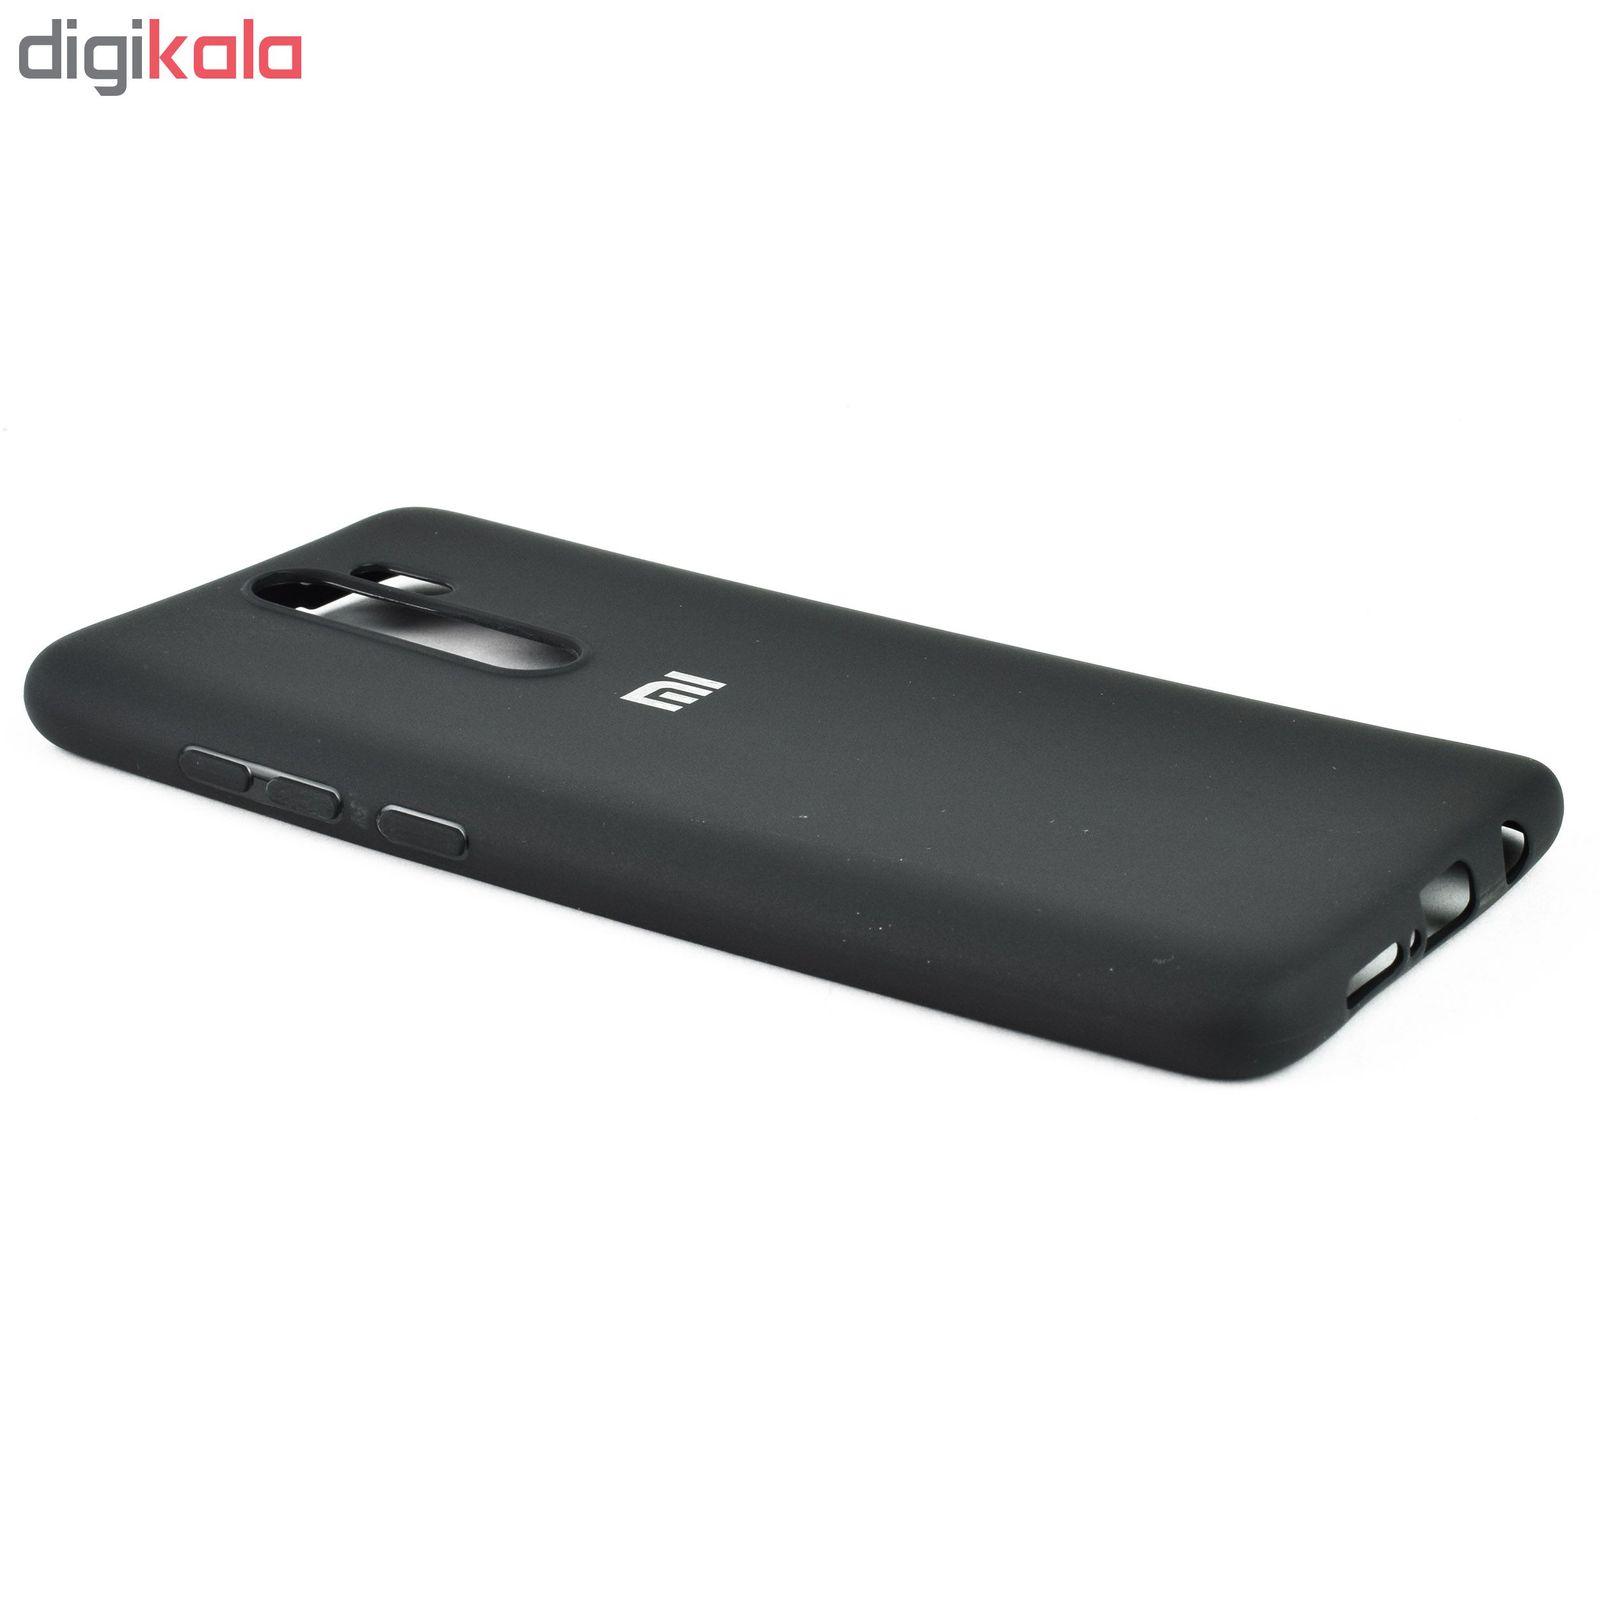 کاور مدل SC20 مناسب برای گوشی موبایل شیائومی Redmi Note 8 Pro  main 1 10